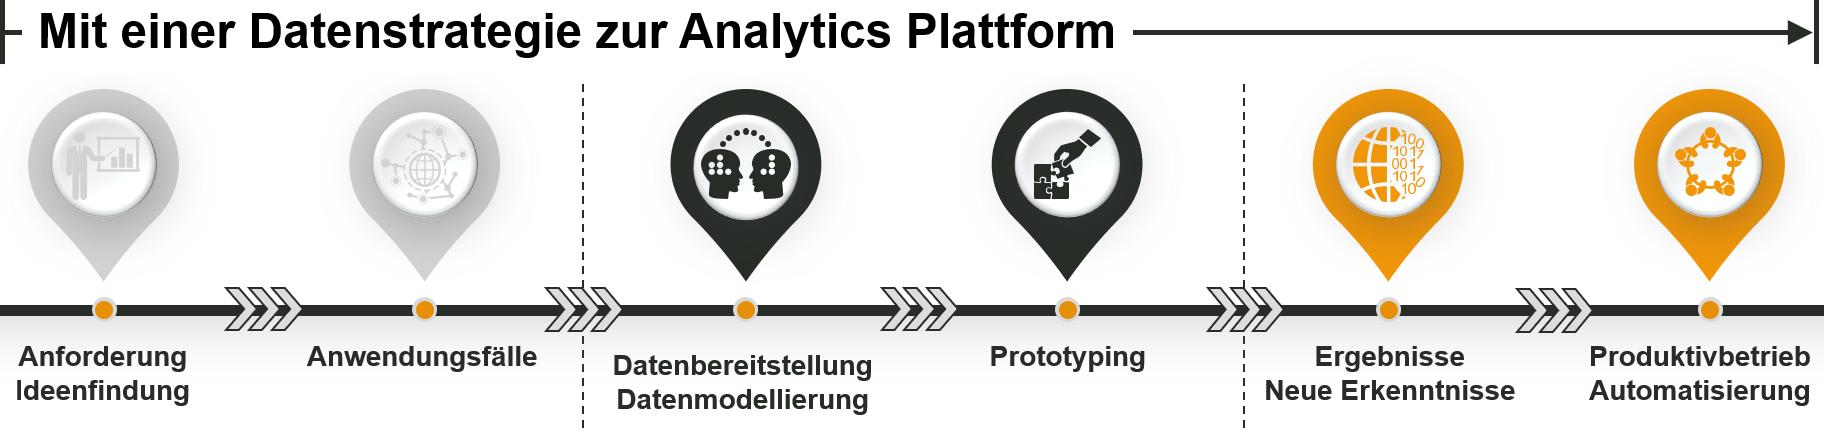 Advanced Analytics - Ablauf